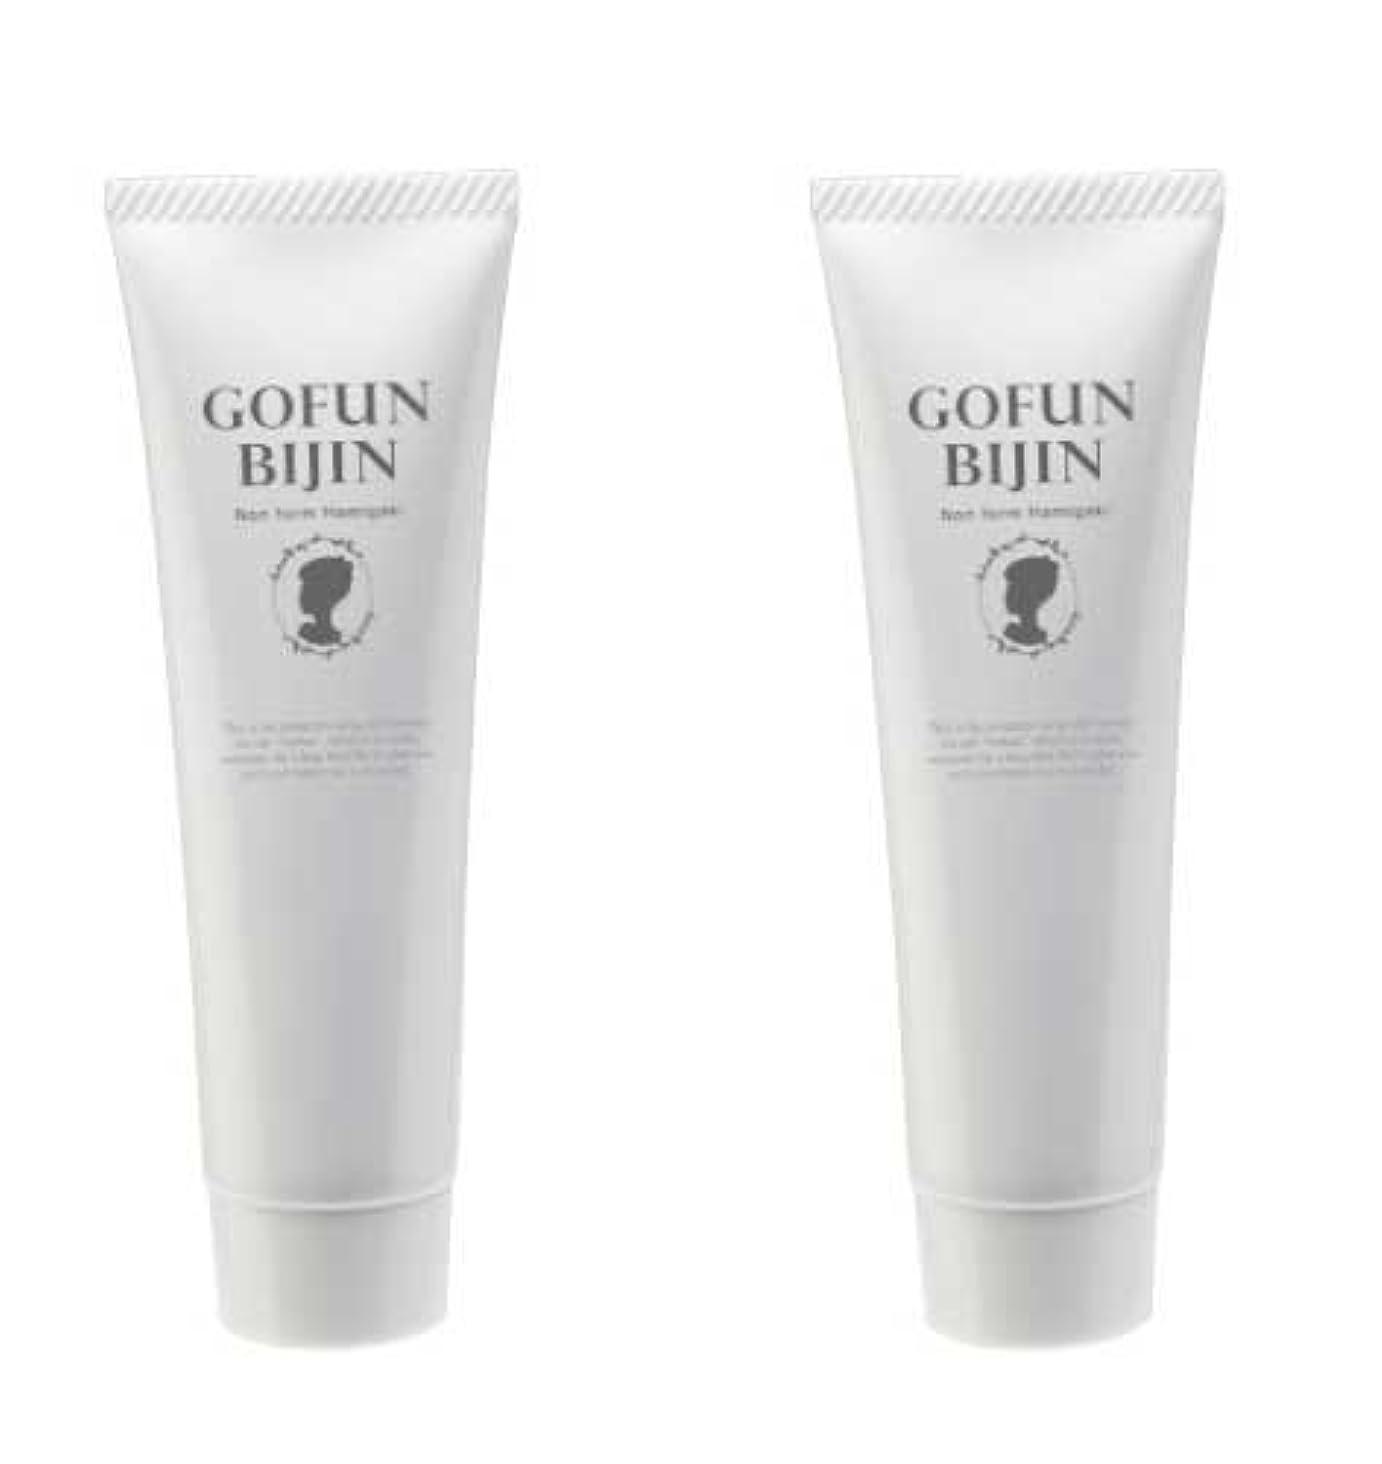 涙定期的非公式胡粉美人ハミガキ 2個セット(歯のホワイトニング歯磨き粉 ノンフォームタイプ)